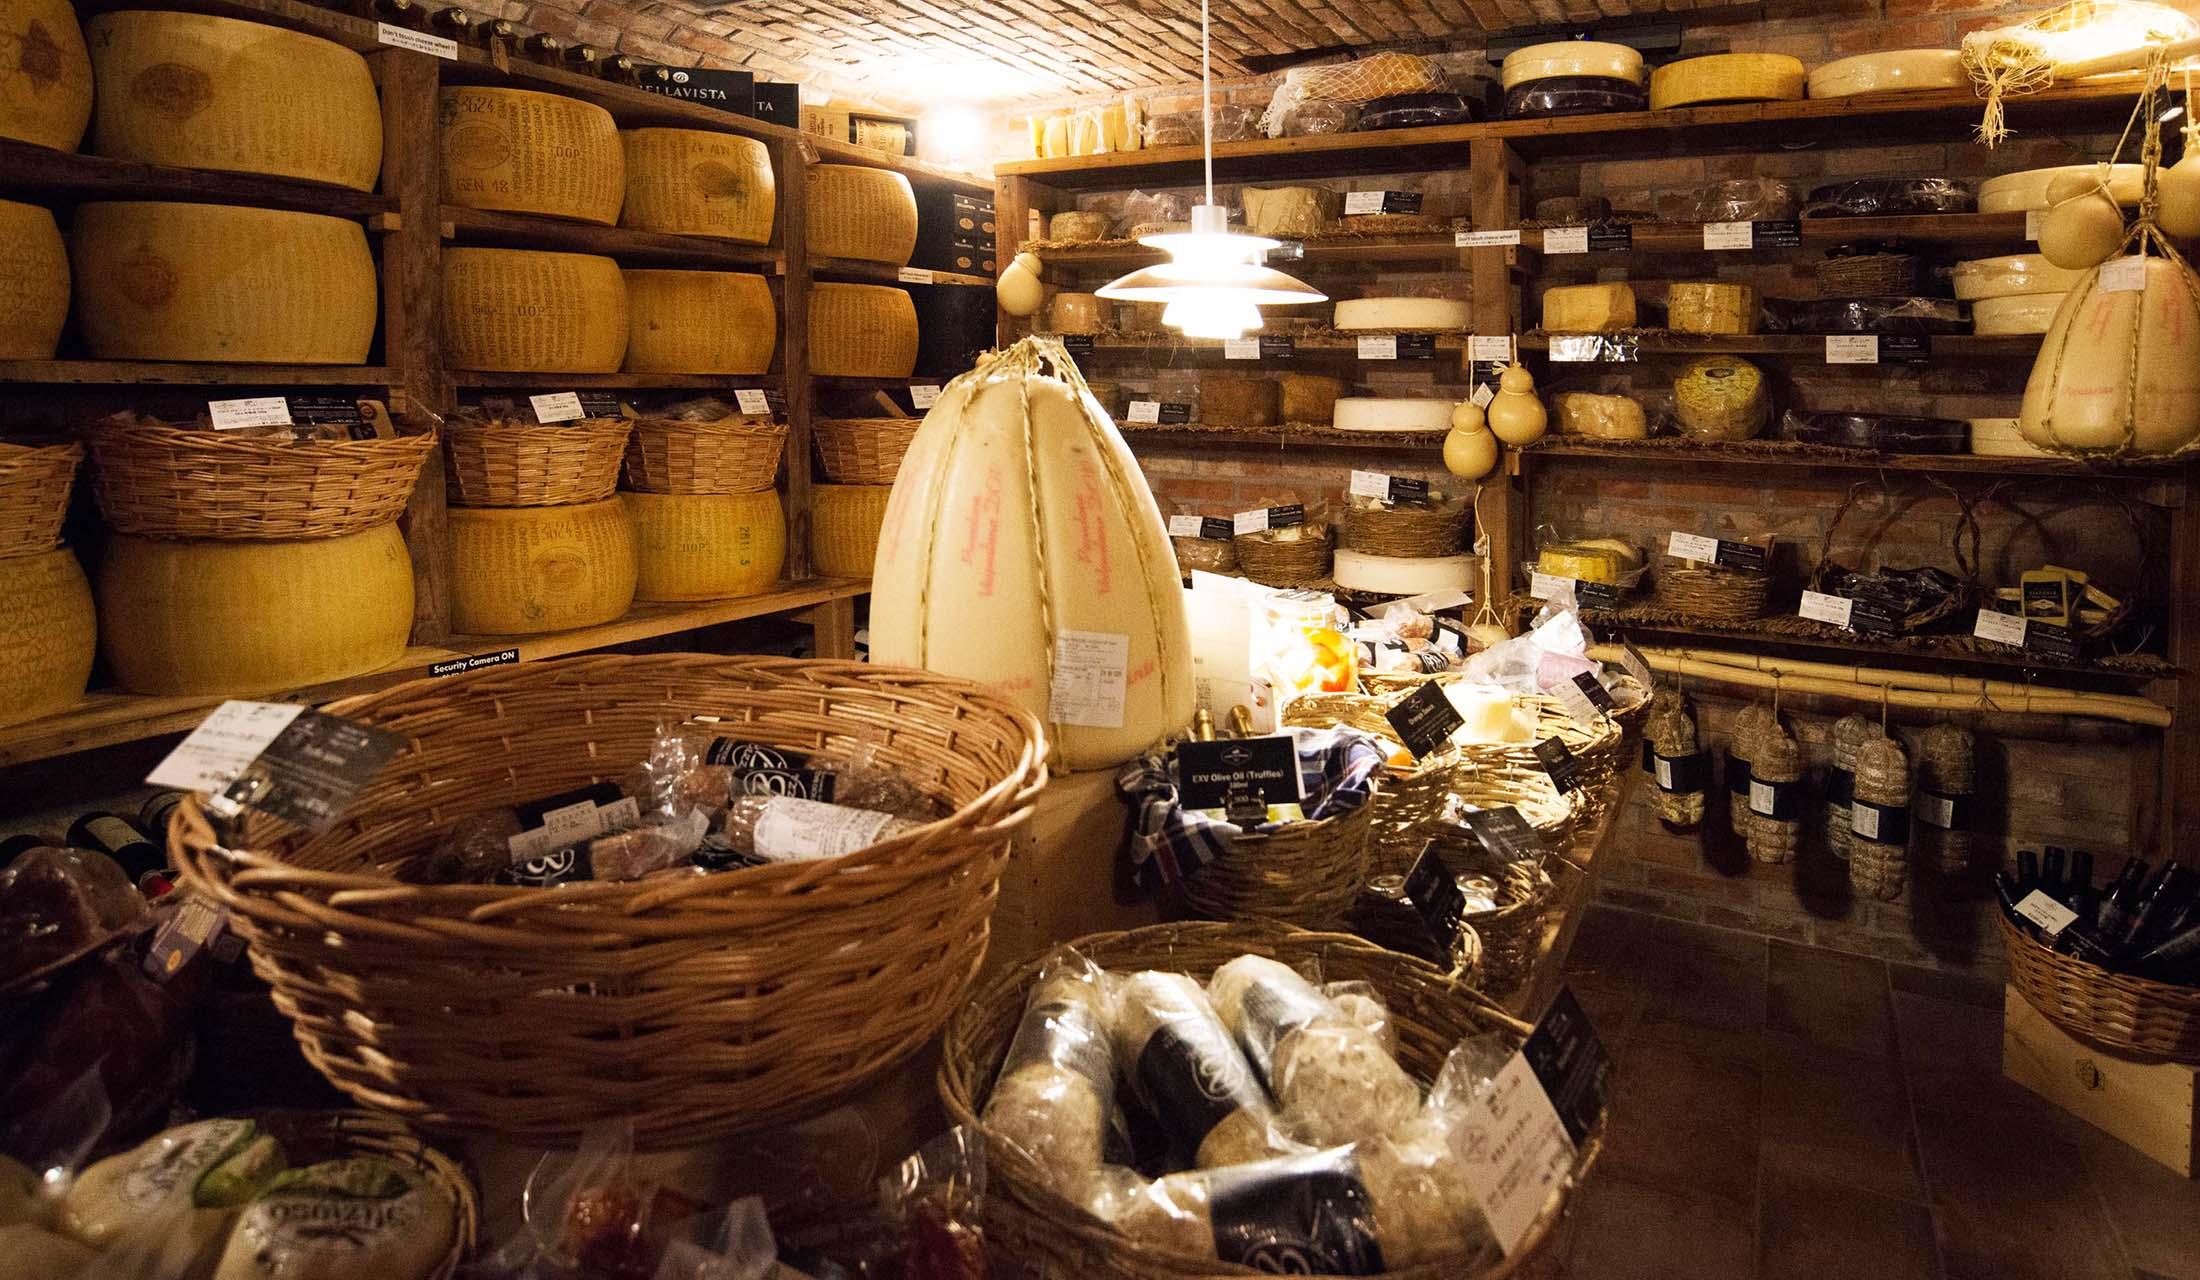 高級イタリアチーズ専門店「フィオール・ディ・マーゾ」